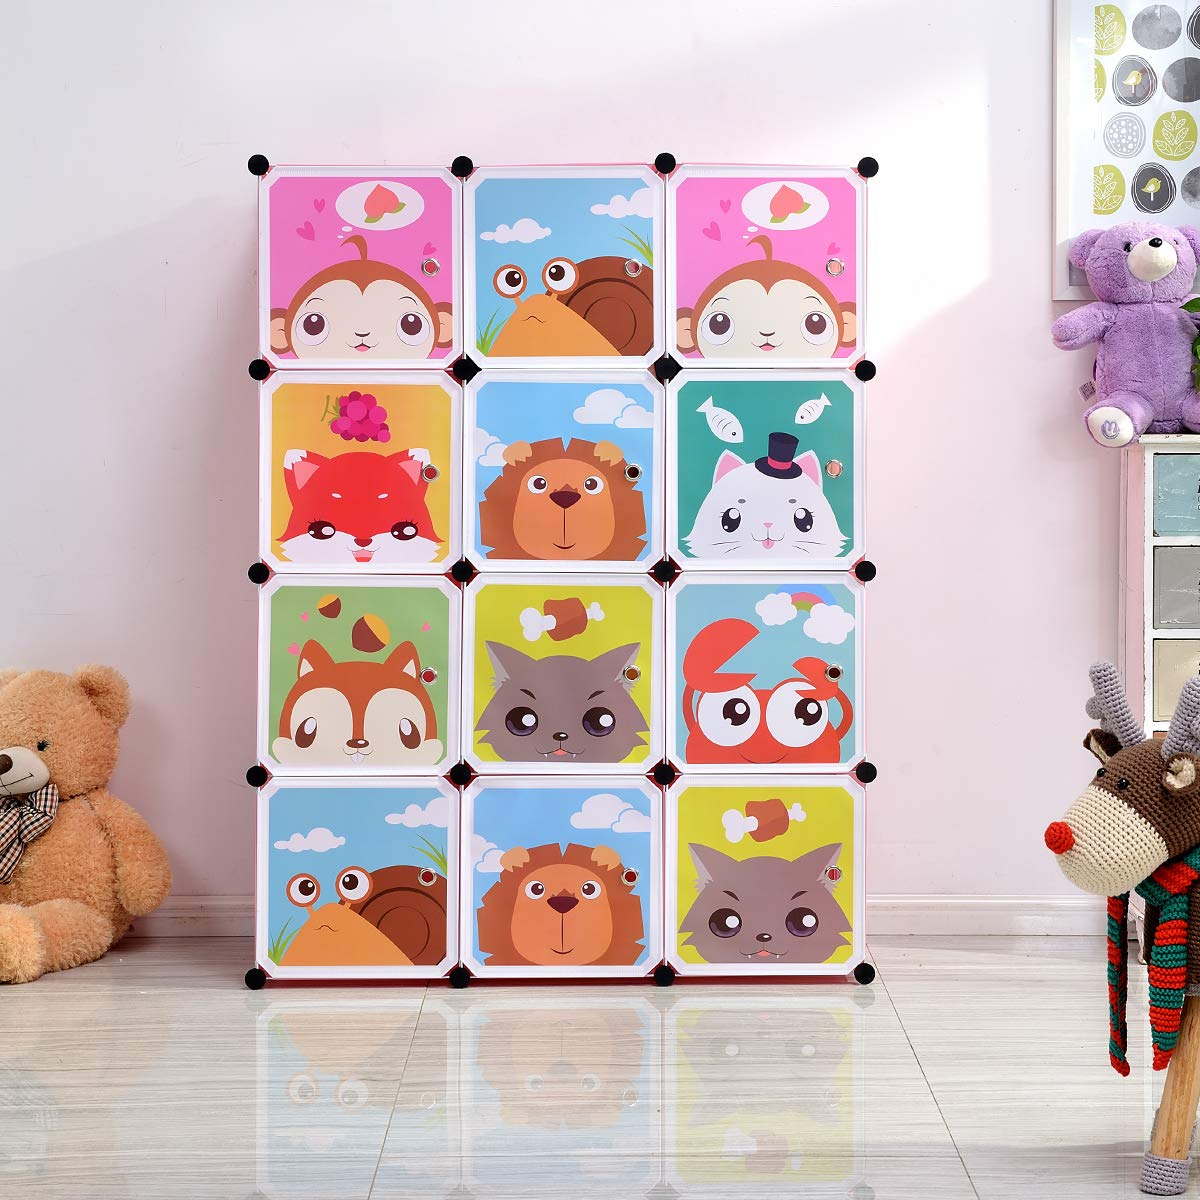 BRIAN & DANY Erweiterbares Kinderregal Kinder Kleiderschrank Stufenregal Bücherregal mit Türen & 2 Aufhängern, tiefere Fächer als normal (45 cm vs. 35 cm), 110 x 47 x 147 cm Blau 2